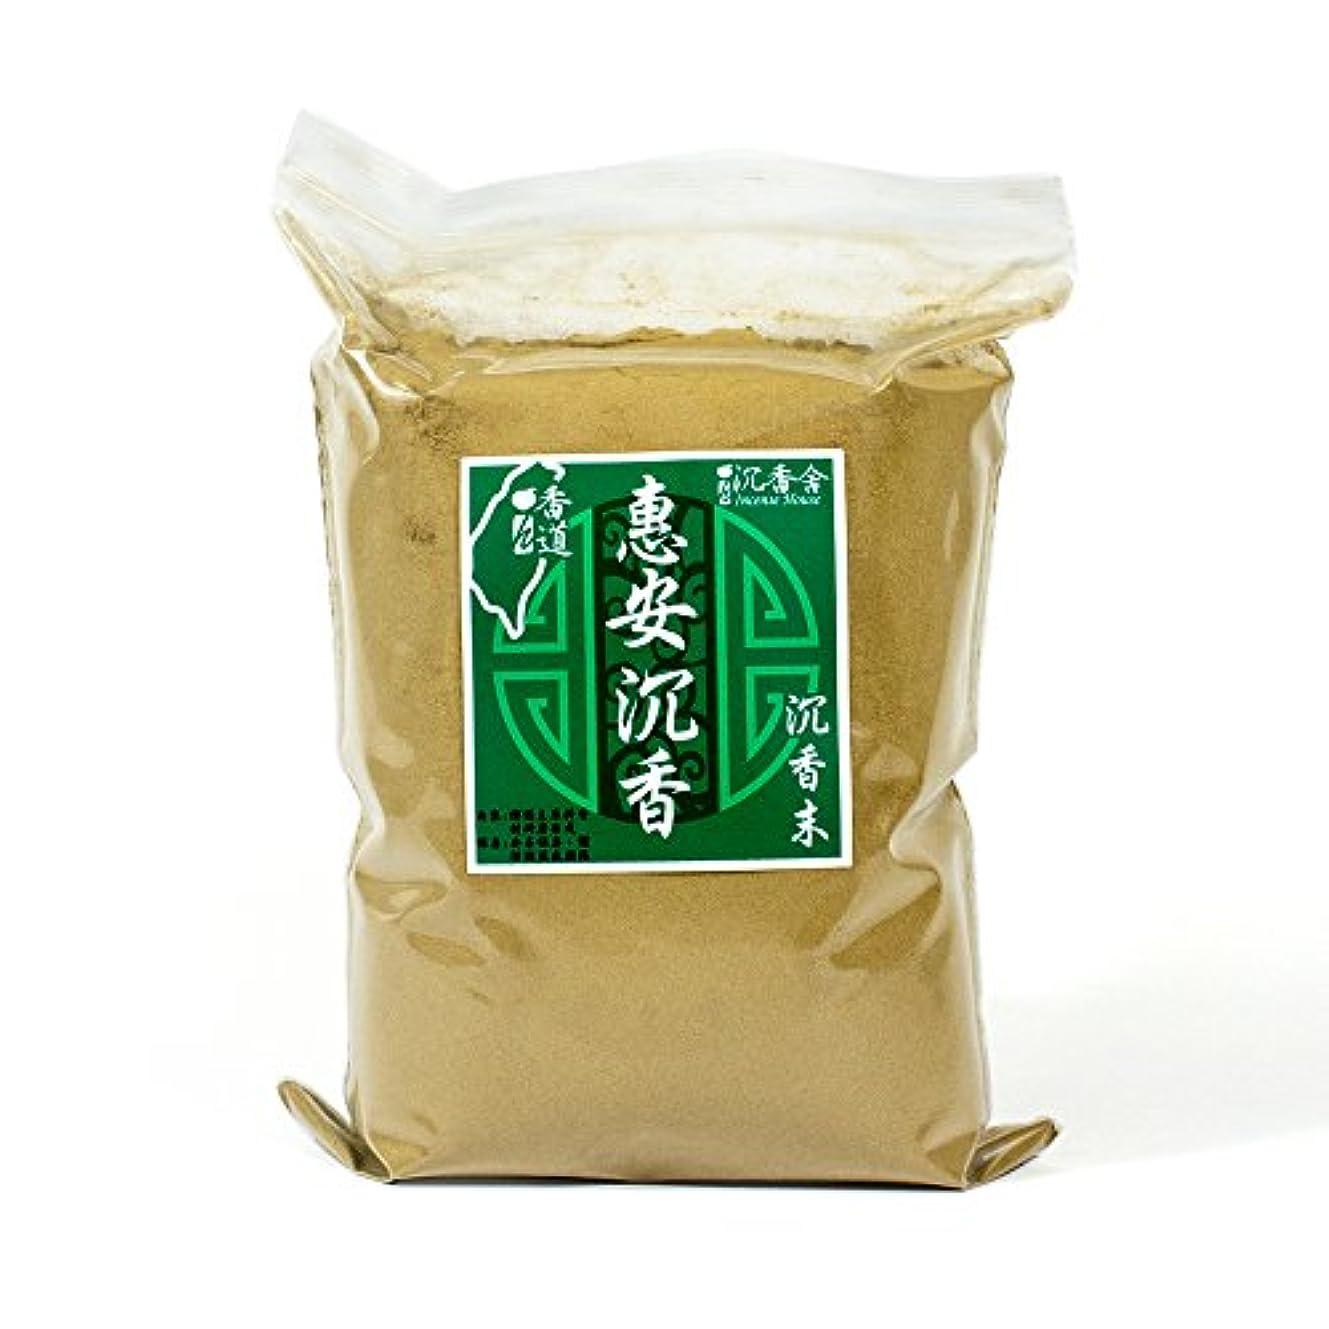 視線パンツ肥沃な台湾沉香舍 お香 惠安沈香 ベトナム 粉末 300g